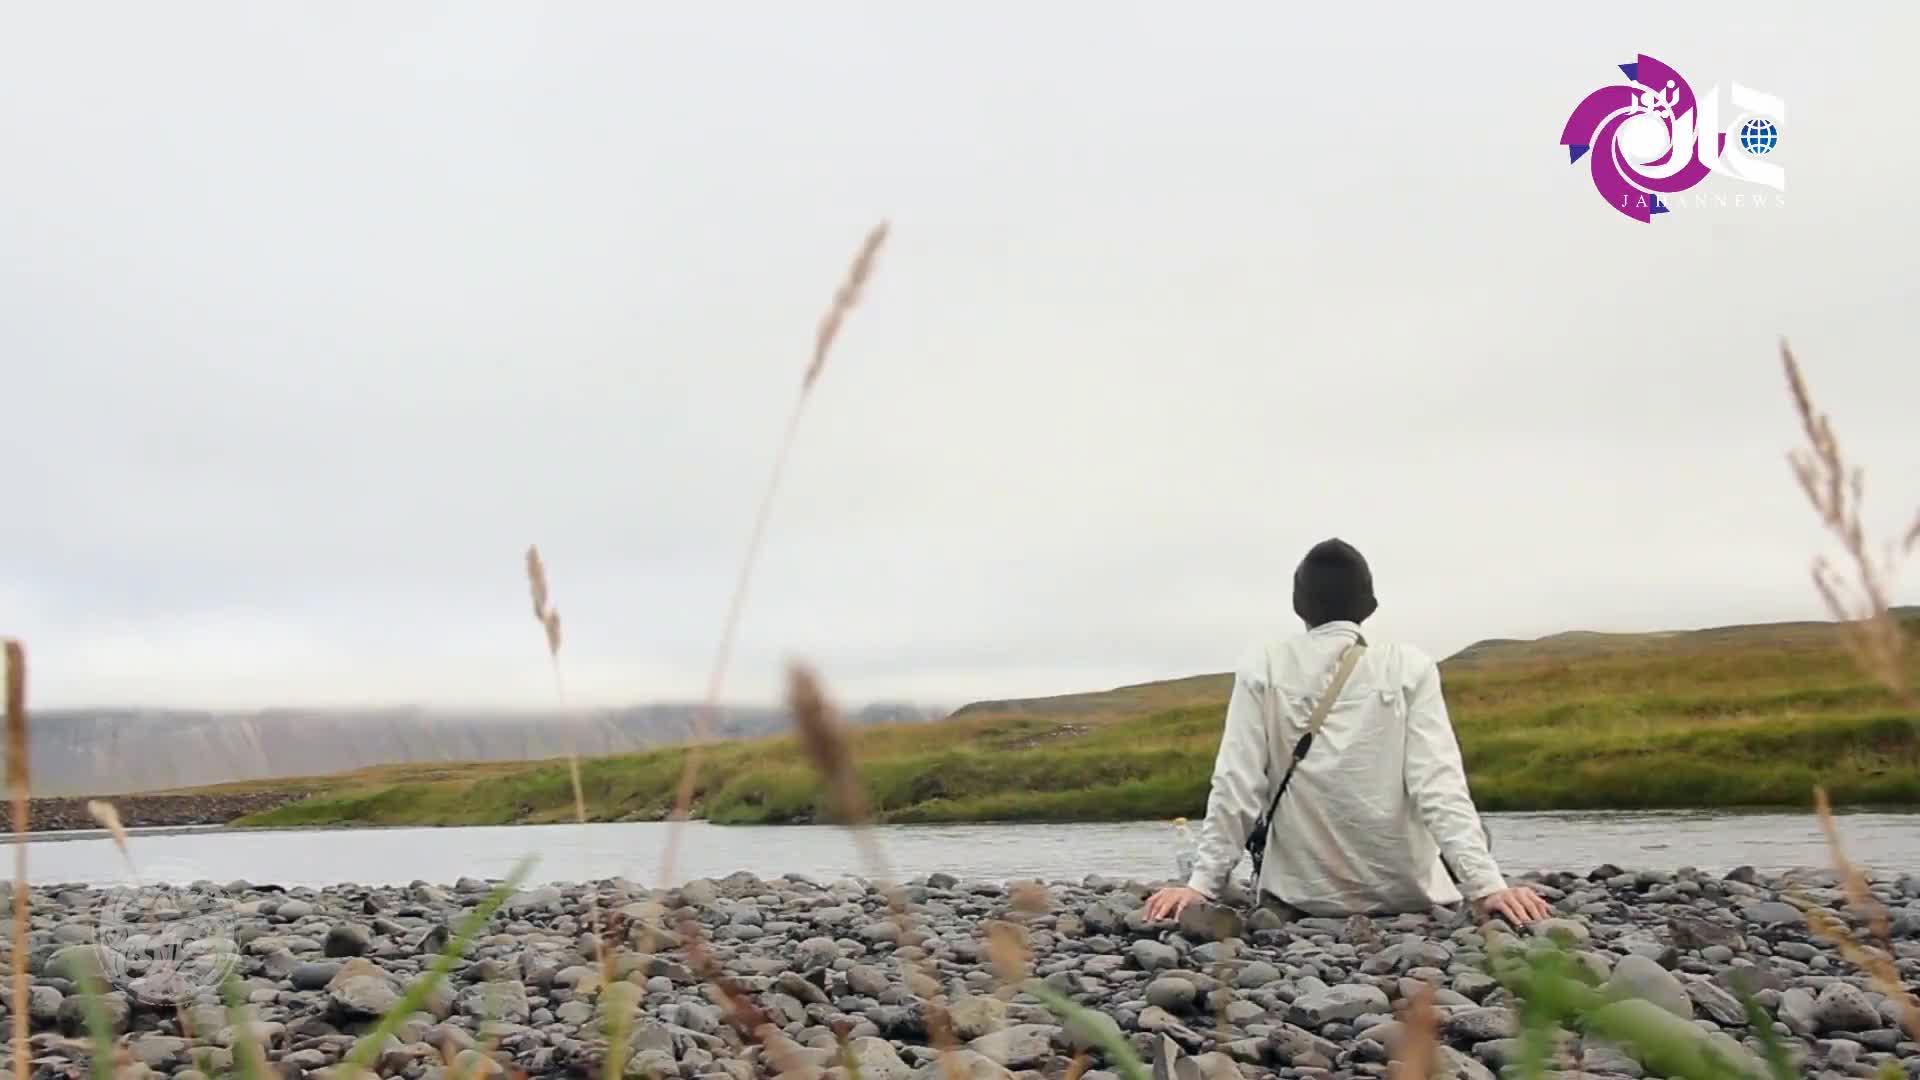 نگاه به آسمان_ آیتالله حائری شیرازی - جهان نيوز